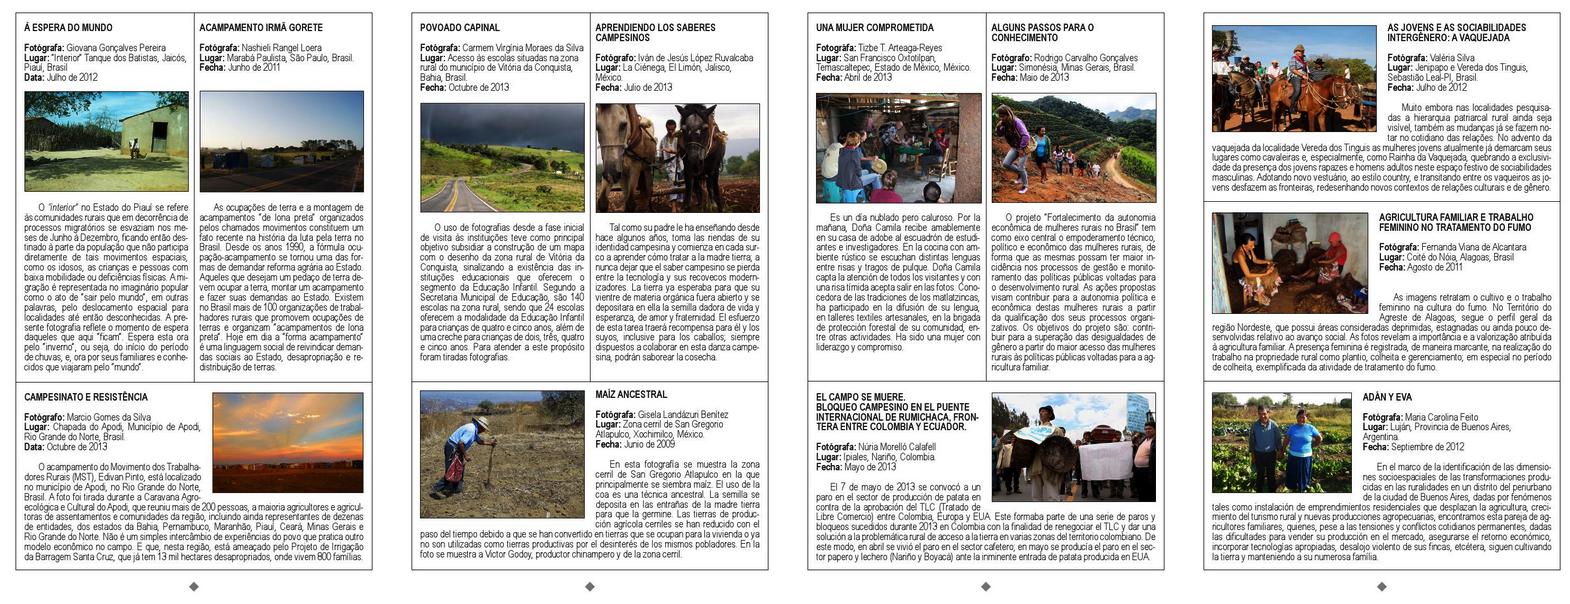 http://issuu.com/alasrumexico/docs/folleto